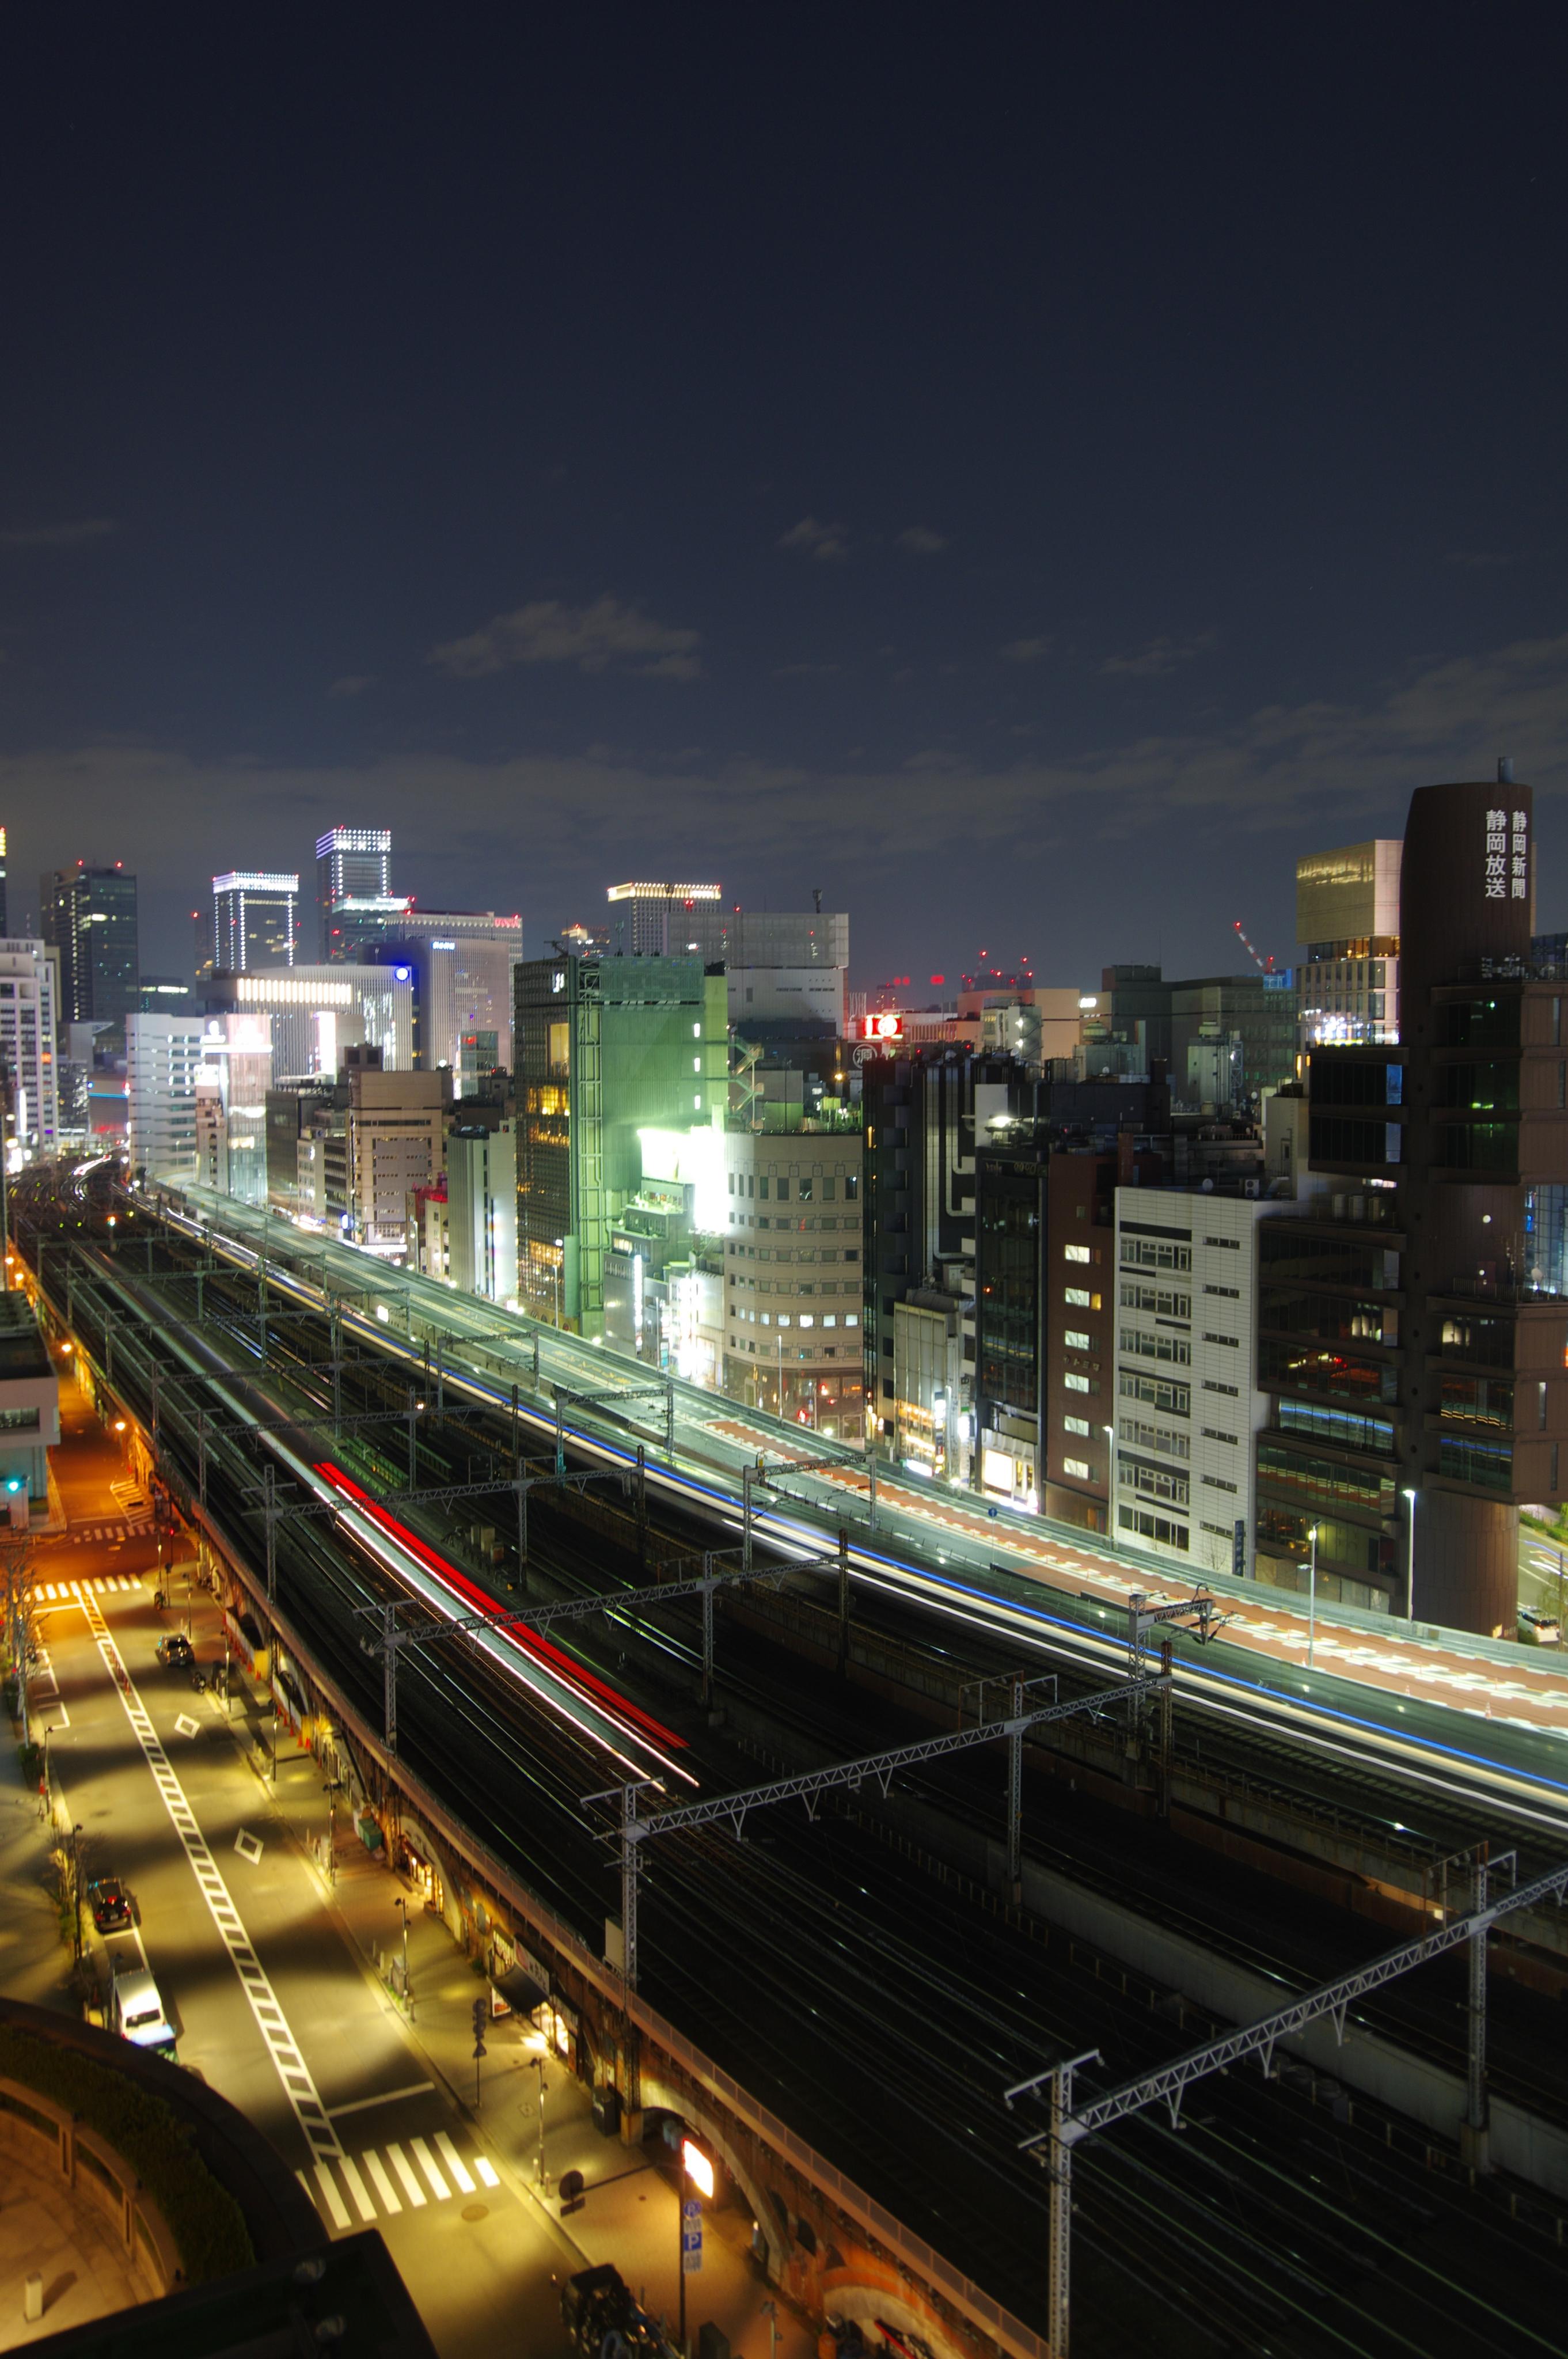 相鉄フレッサイン新橋日比谷口トレインビュー_190224 夜景.jpg